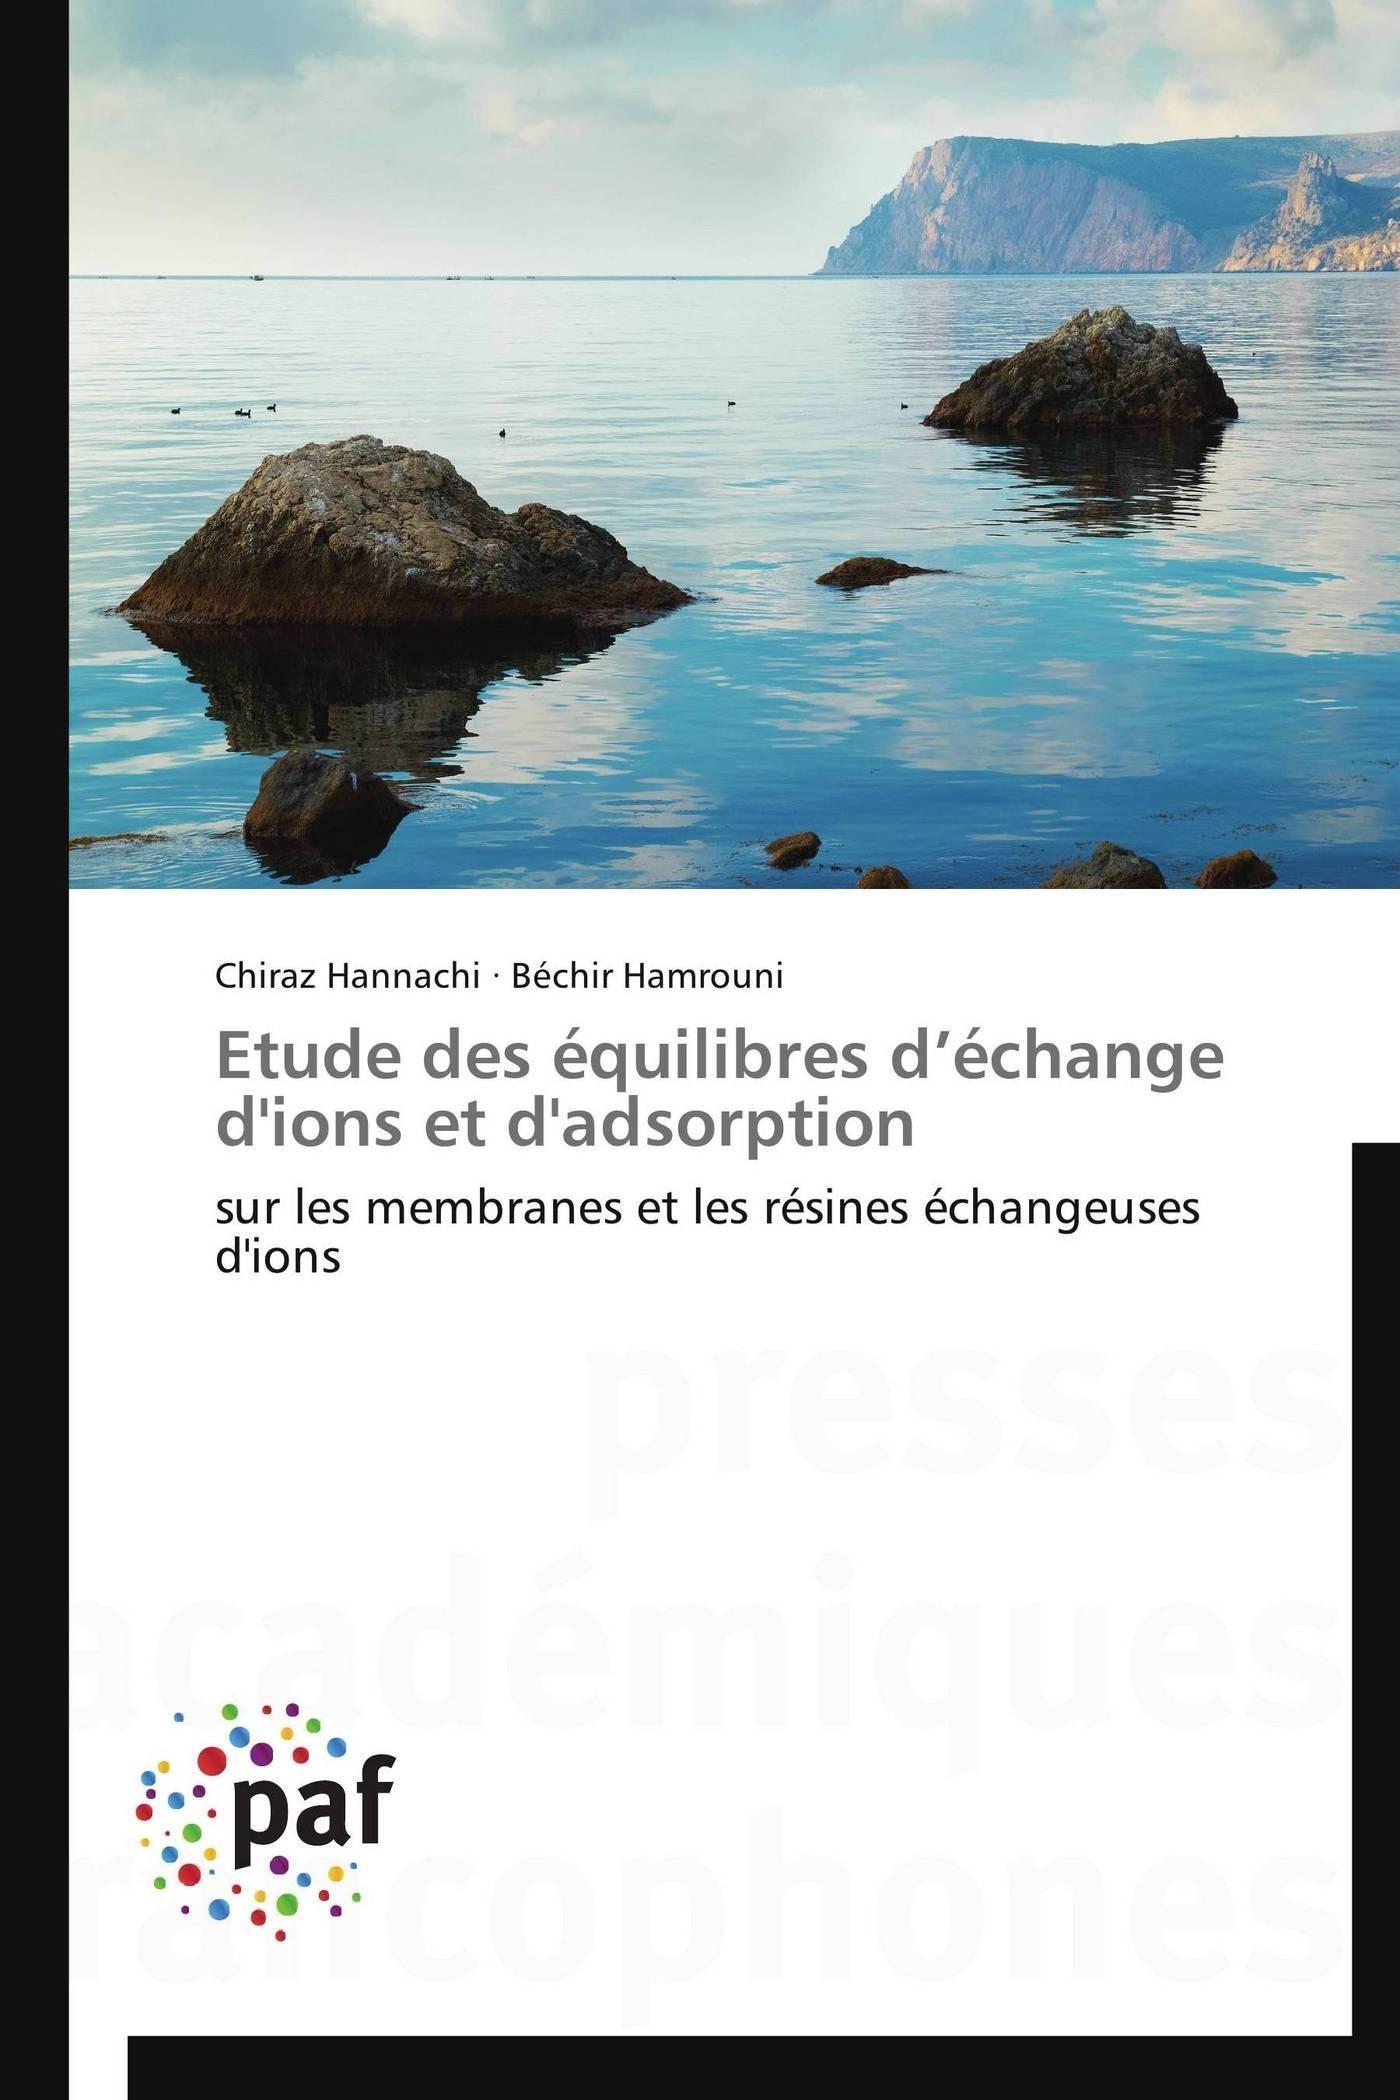 ETUDE DES EQUILIBRES D ECHANGE D'IONS ET D'ADSORPTION